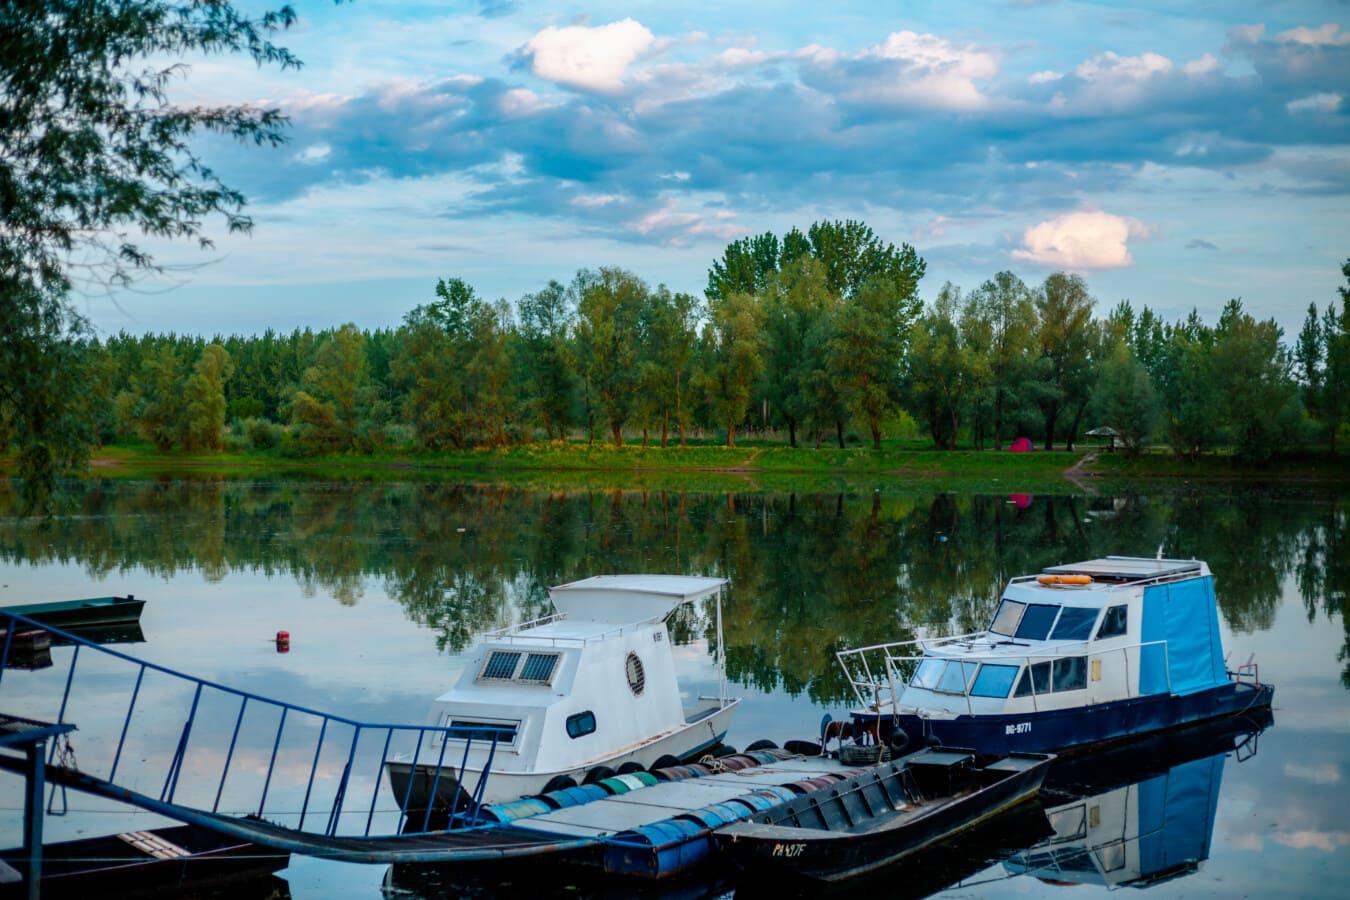 boat, water, marina, lake, summer, nature, river, outdoors, reflection, vehicle